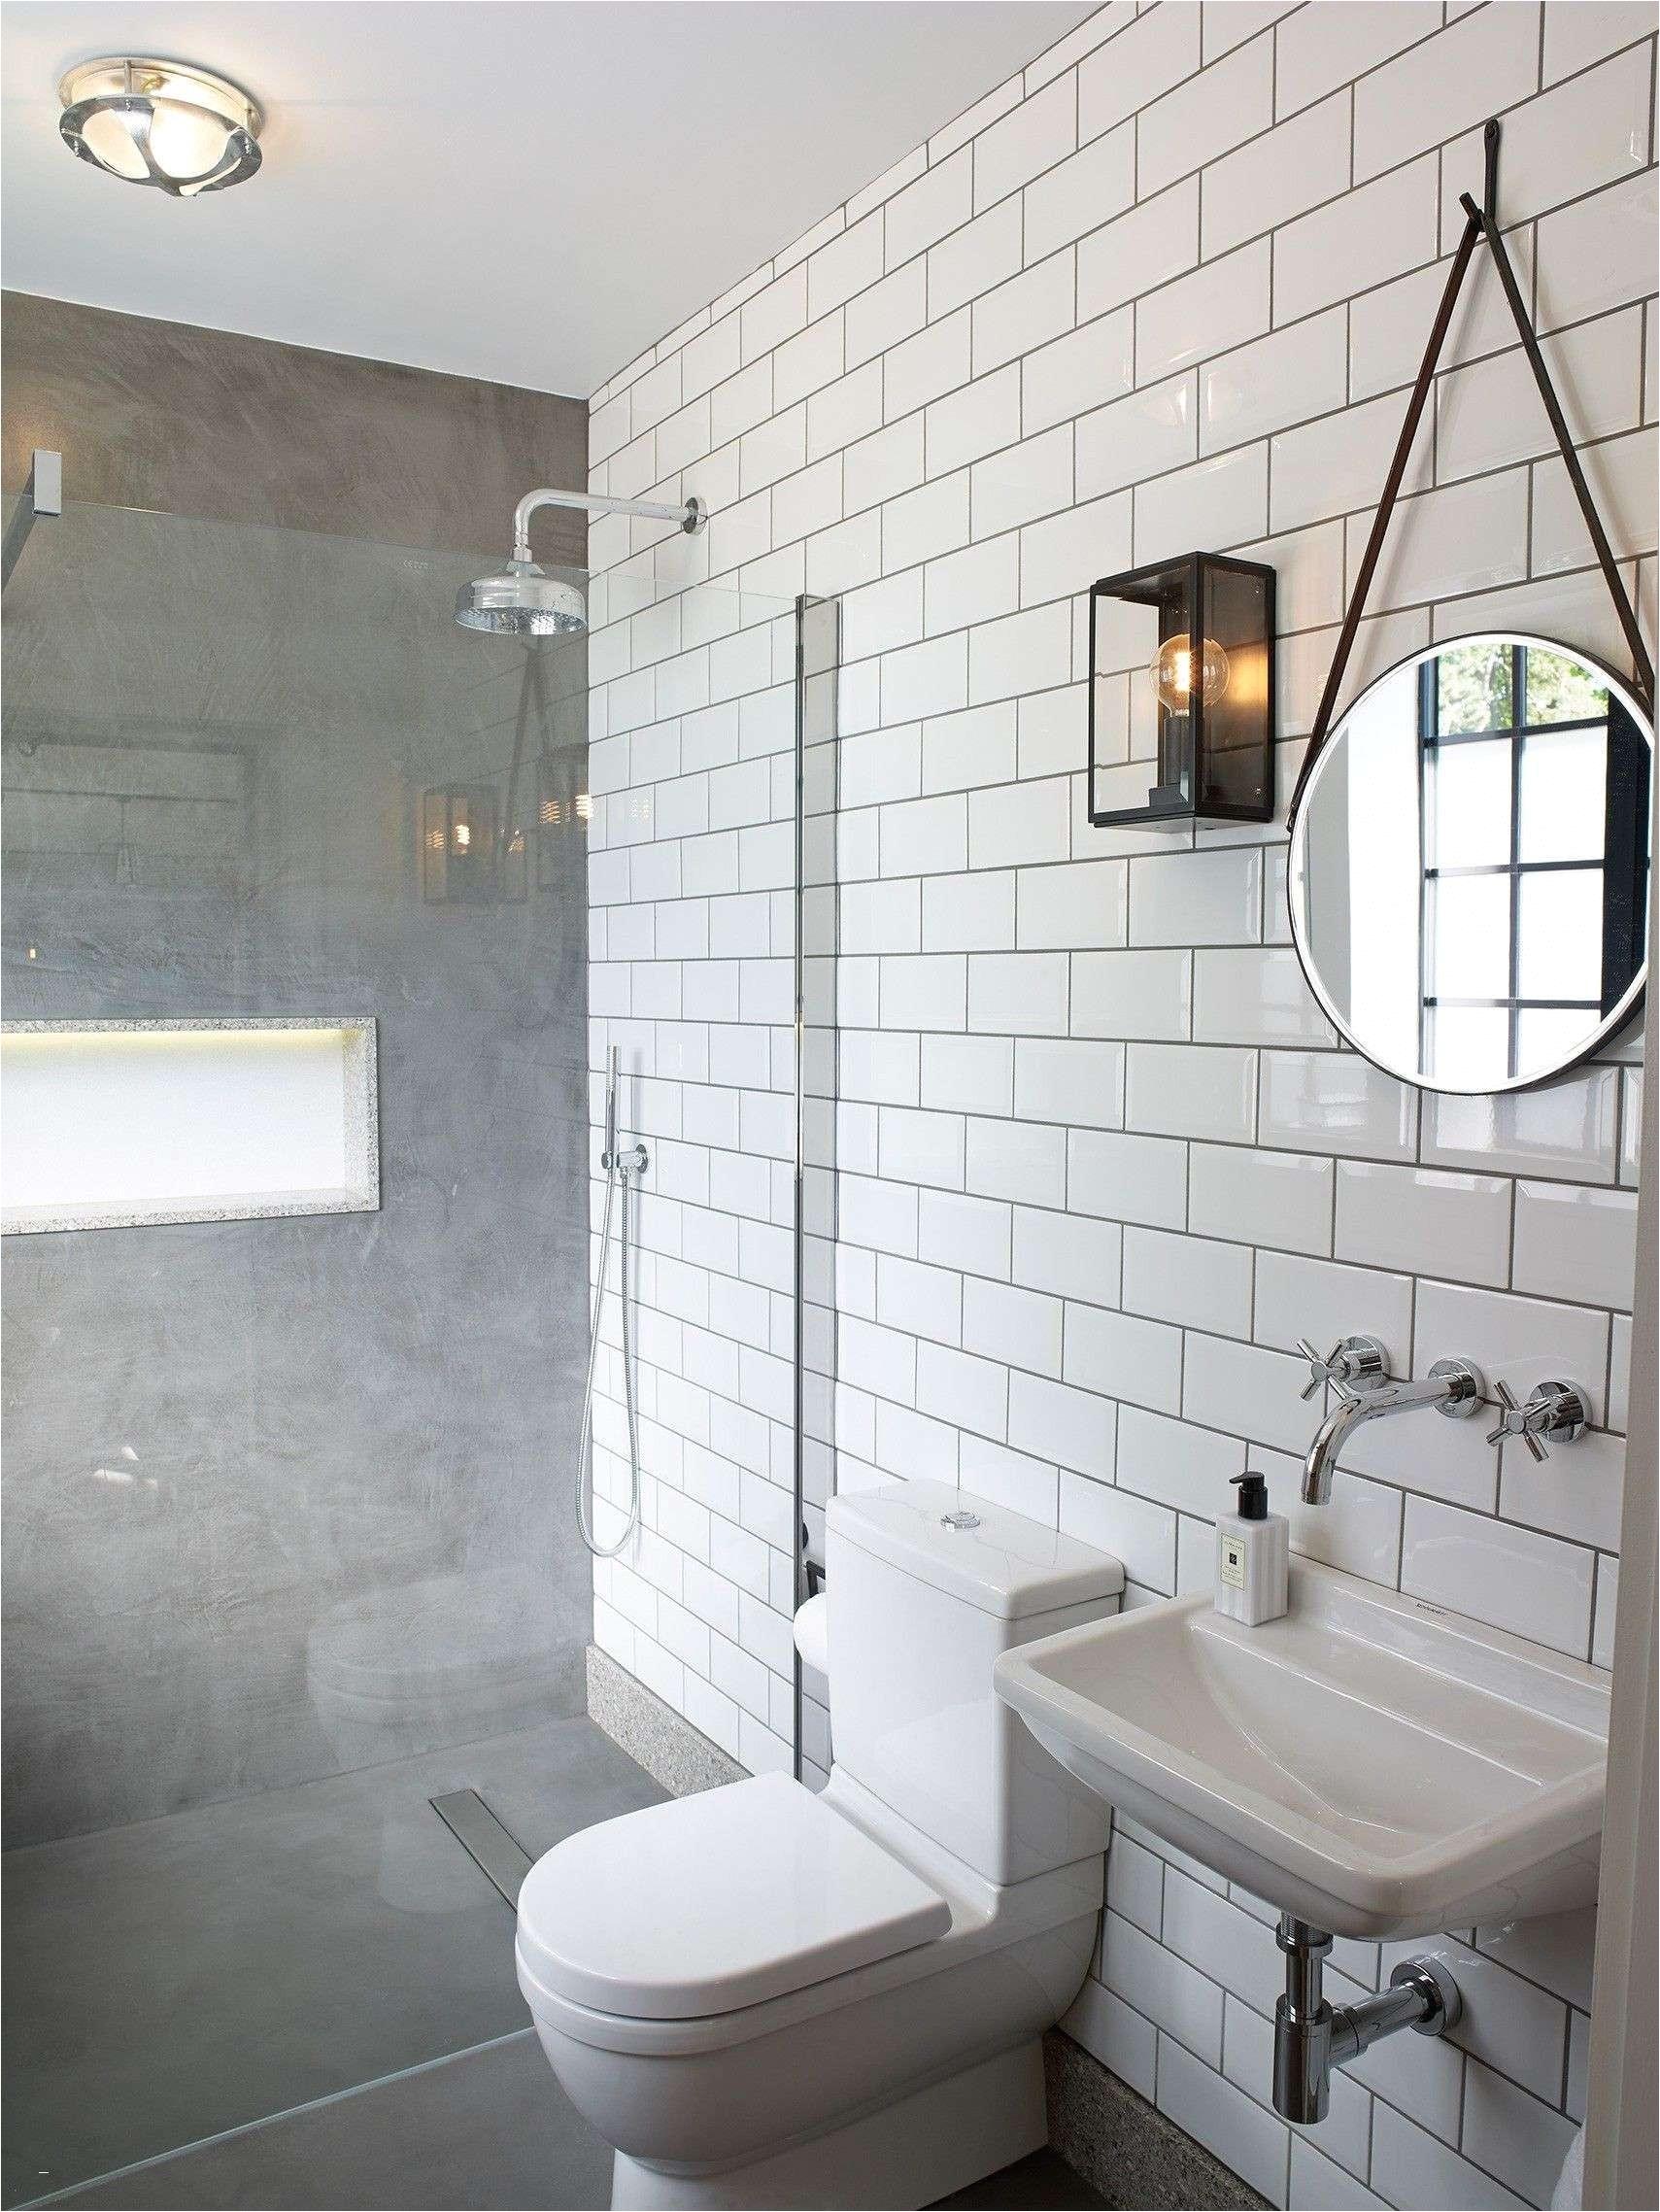 Small Simple Bathroom Designs Best Small Bathroom Decorating Ideas Fresh Bathroom Wall Decor Ideas